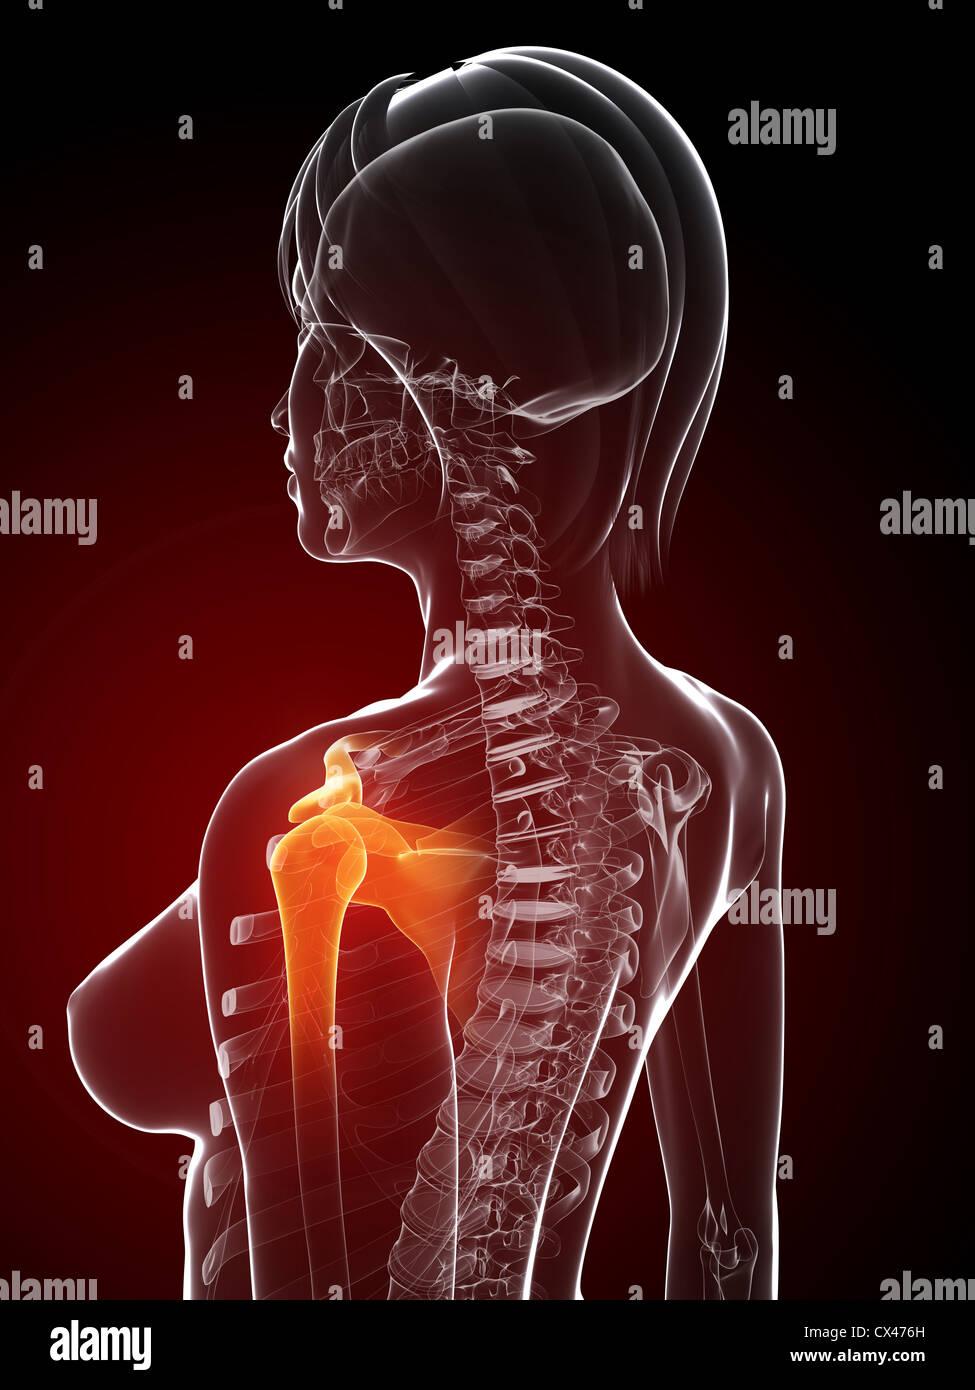 Dorable Hombro Anatomía 3d Embellecimiento - Imágenes de Anatomía ...